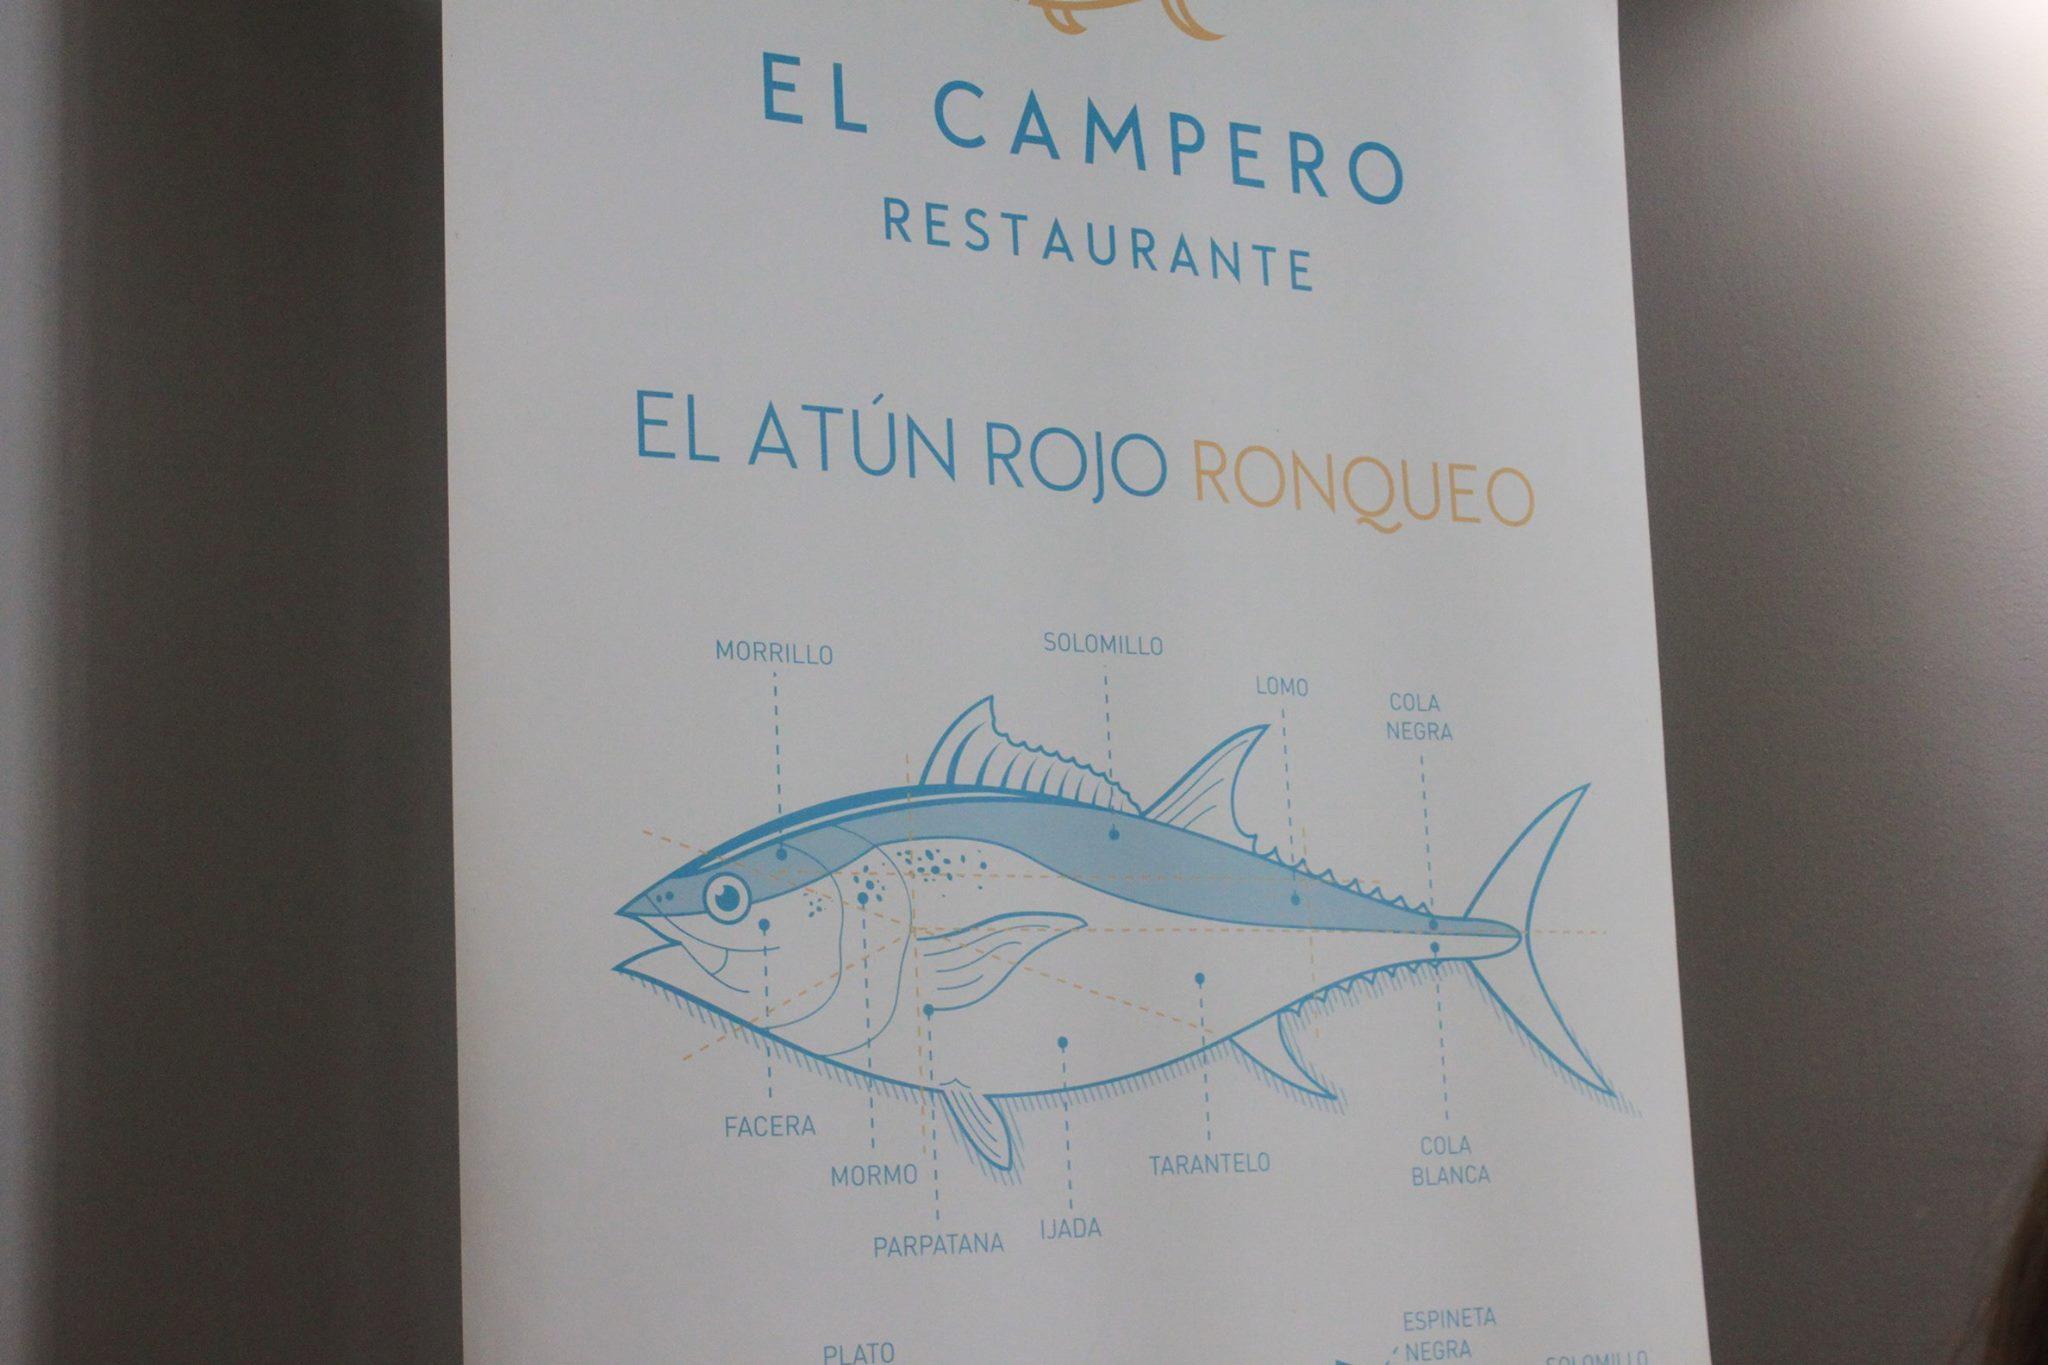 Gastronomía andaluza. Restaurante El Campero